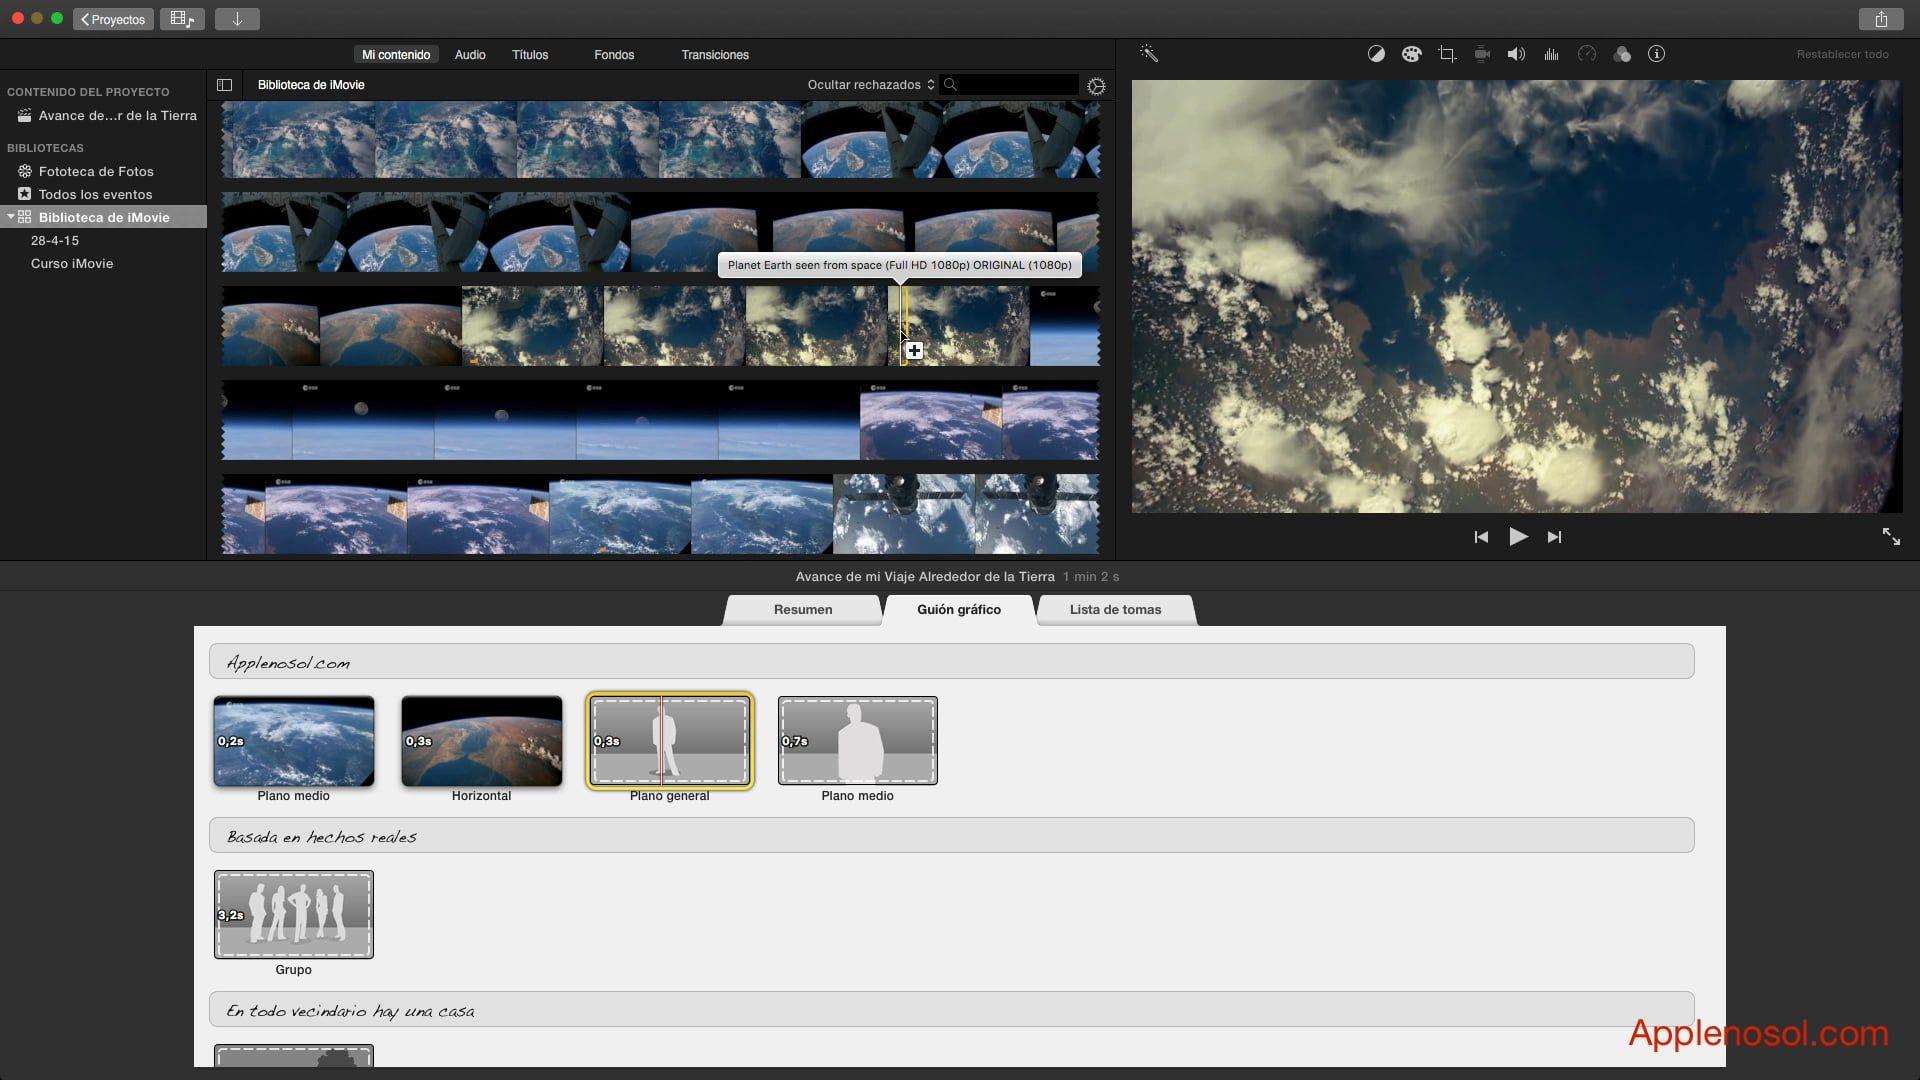 Curso de iMovie #9. Trailers